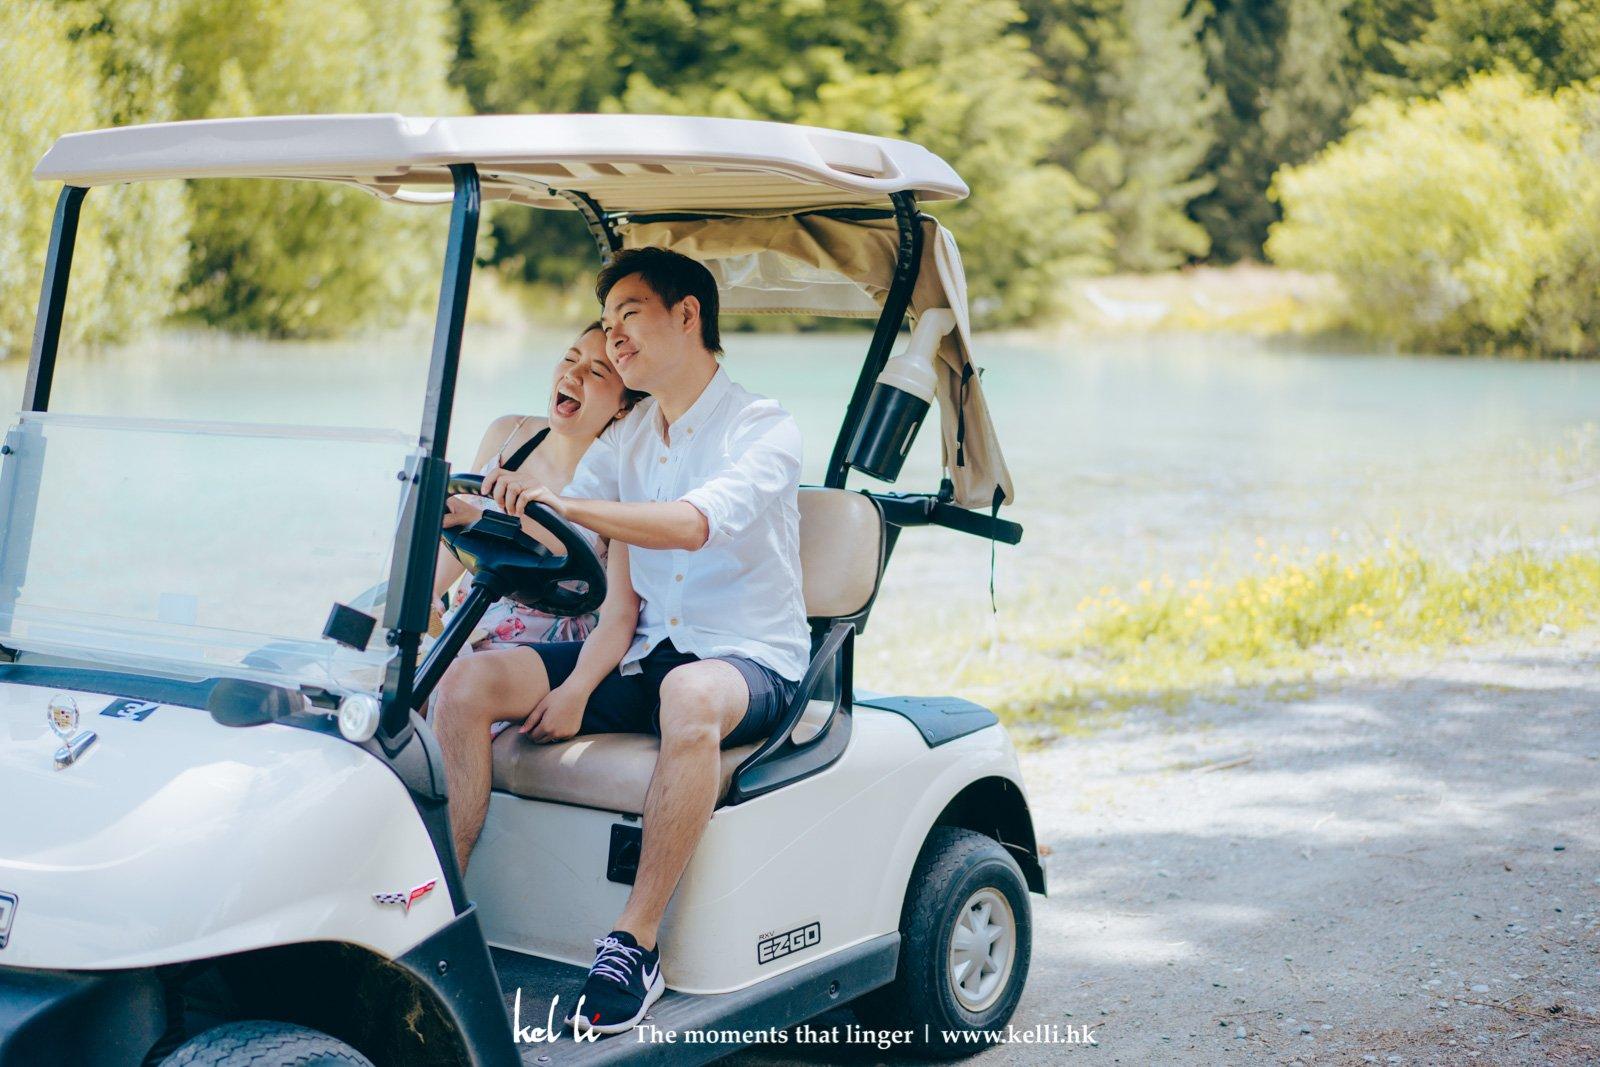 本來想去借單車拍攝,後來卻借來了高爾高爾夫球車